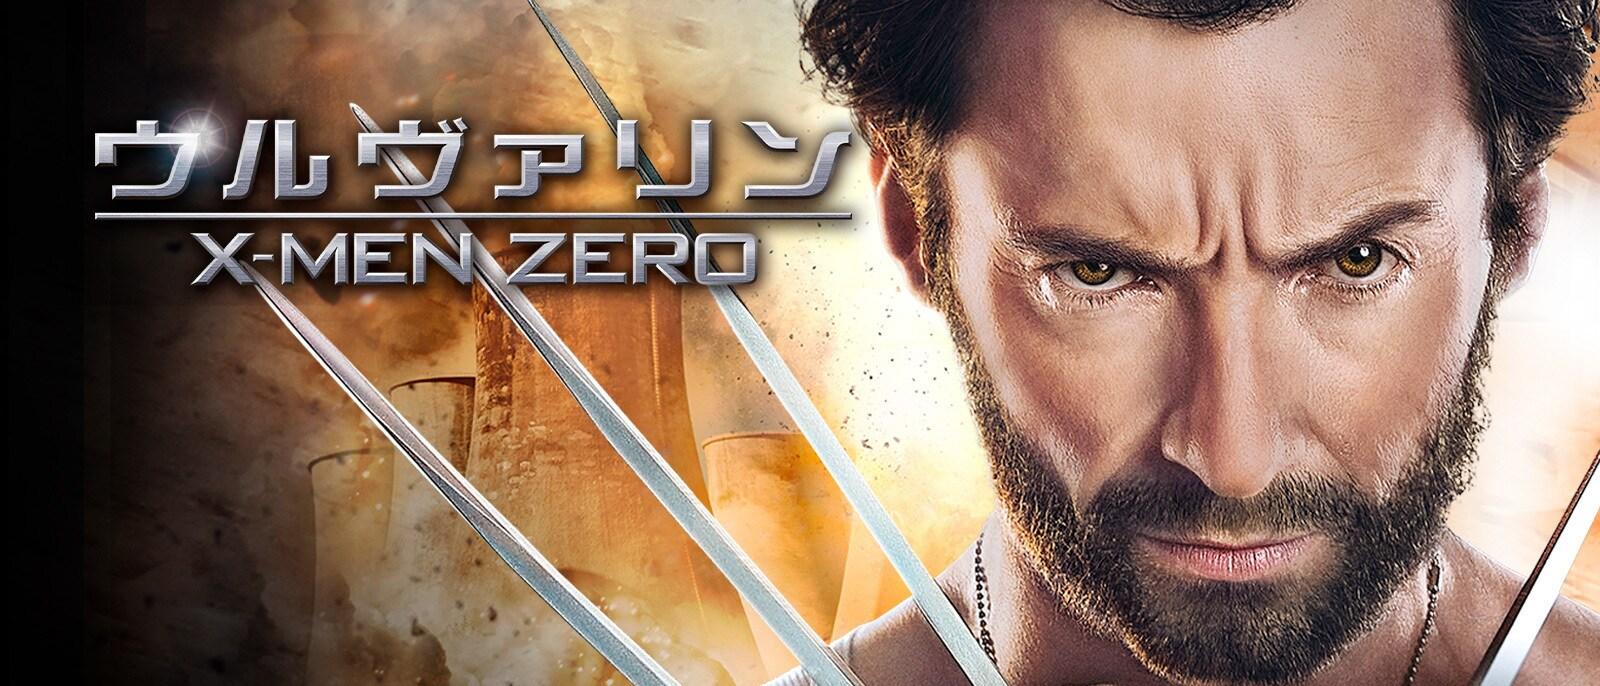 ウルヴァリン:X-MEN ZERO X-Men Origins: Wolverine Hero